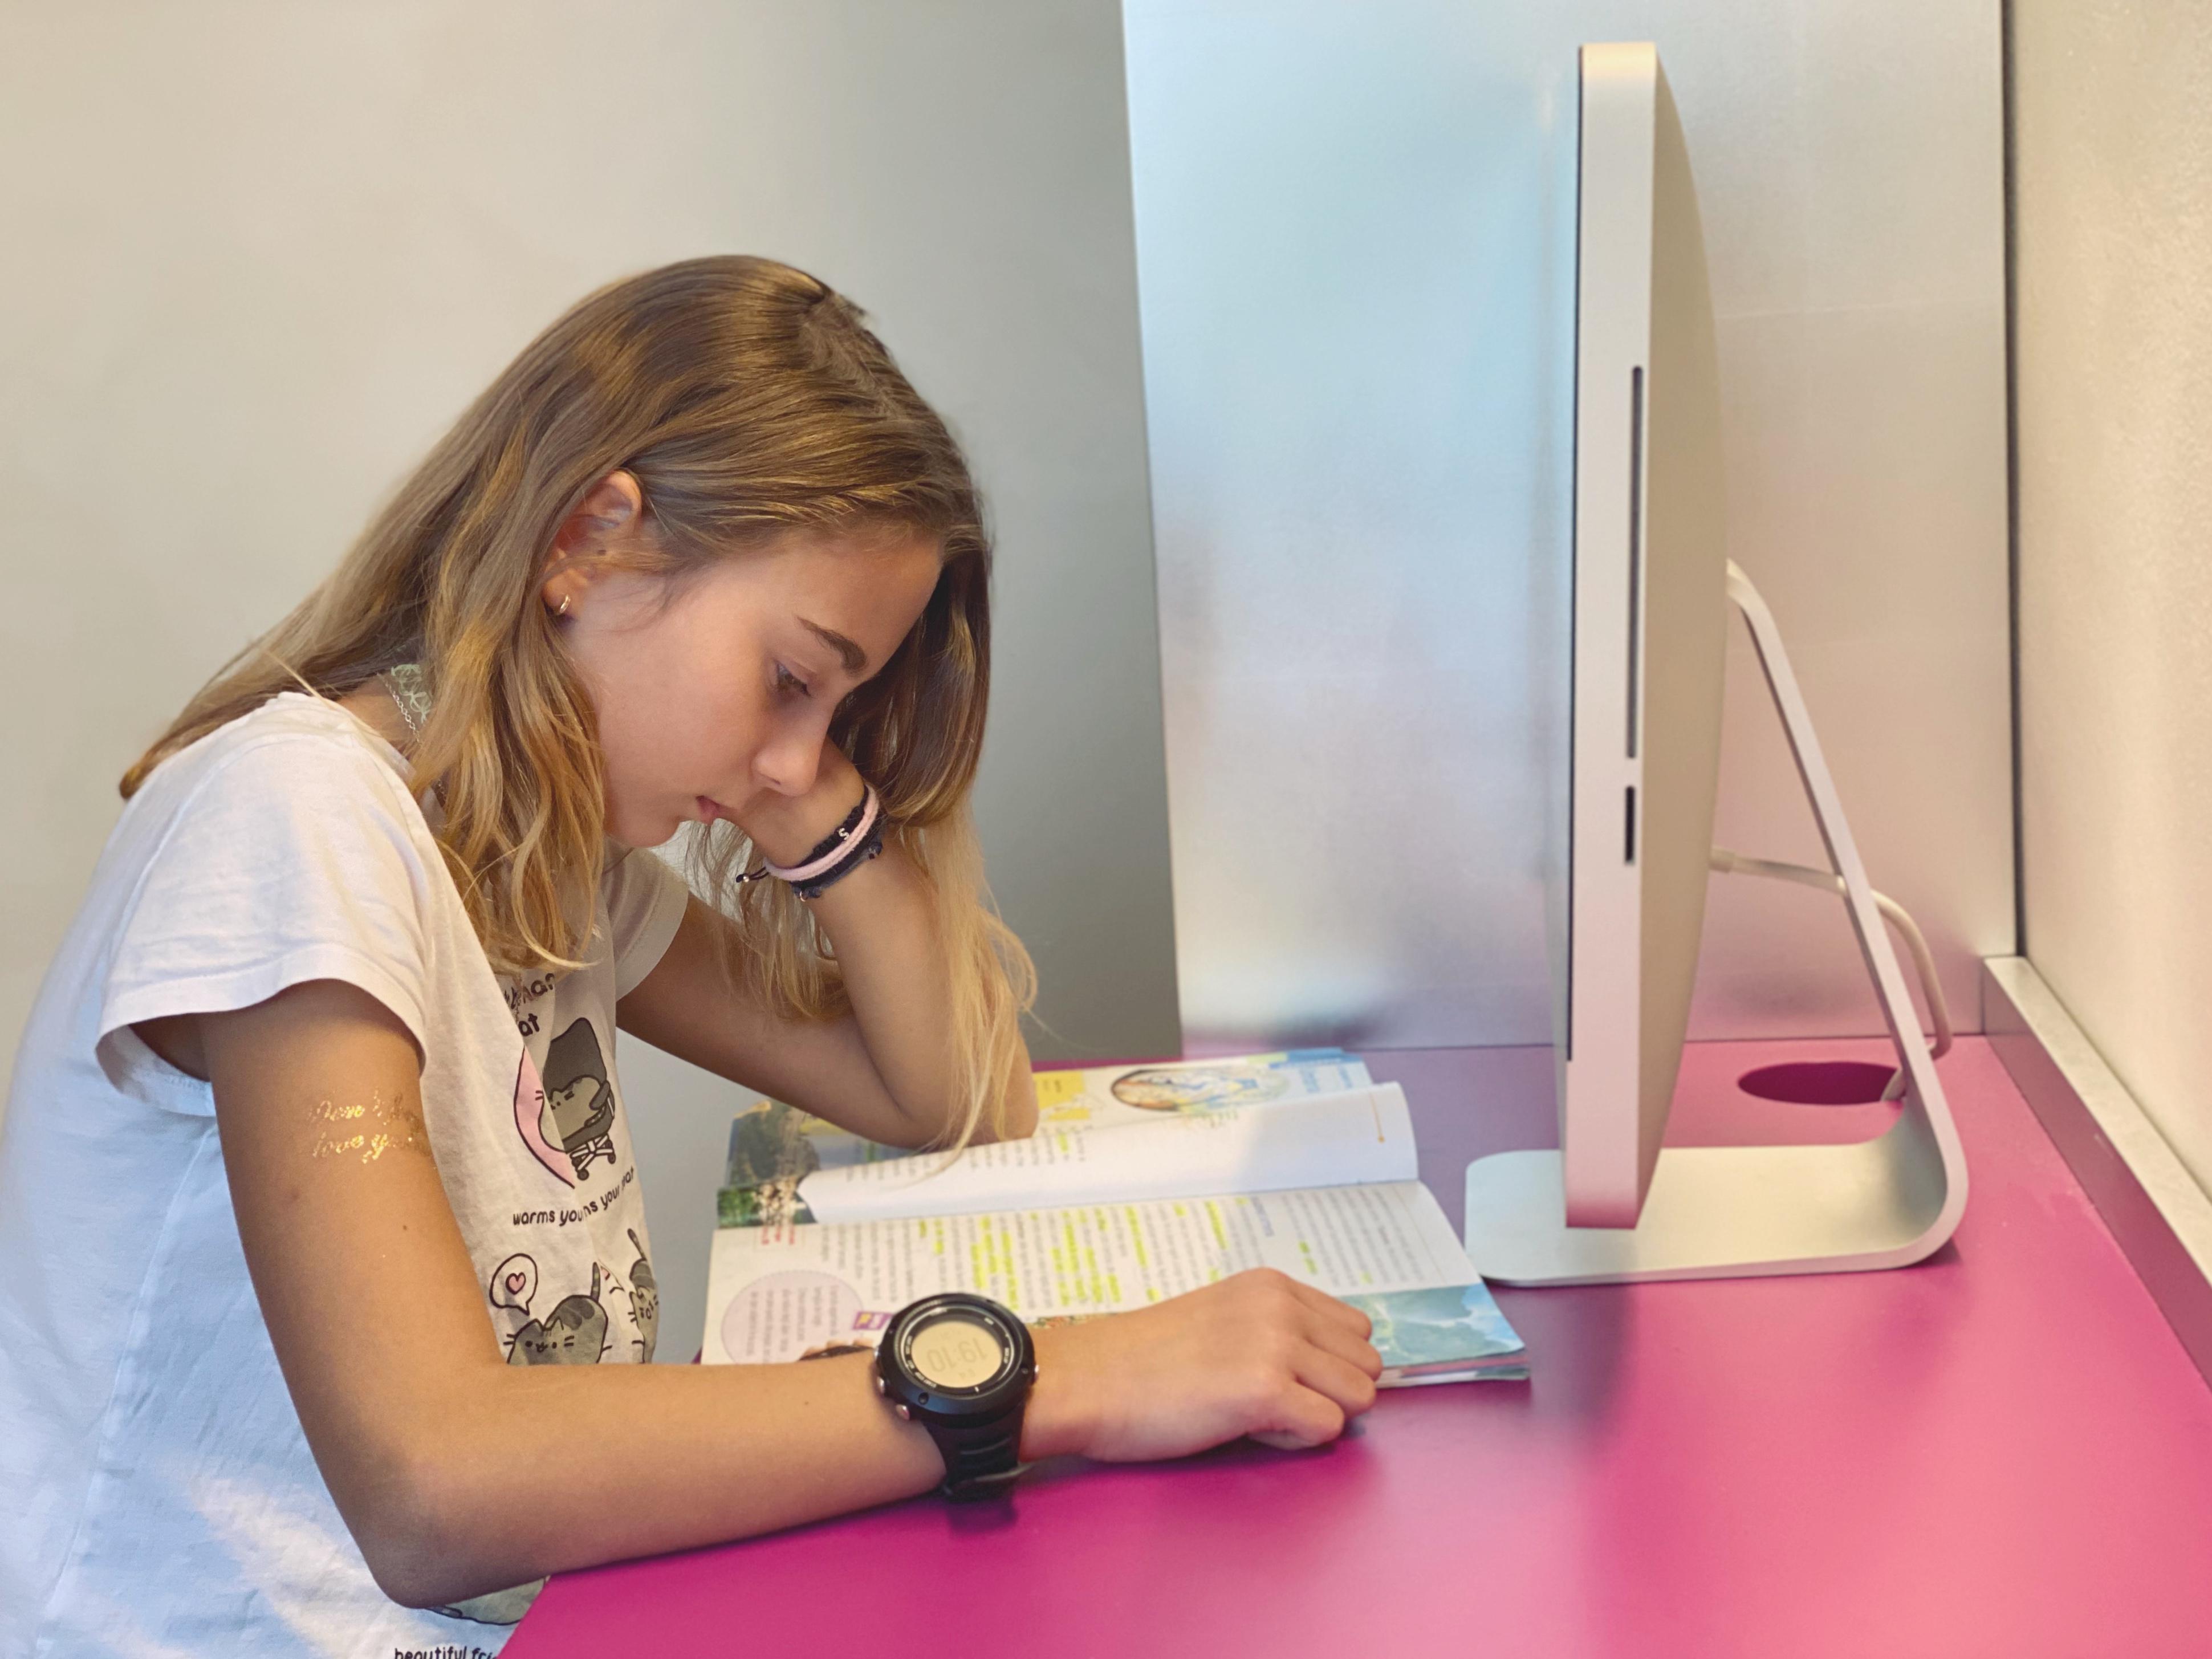 Una ragazza sta studiando  di AuturmM